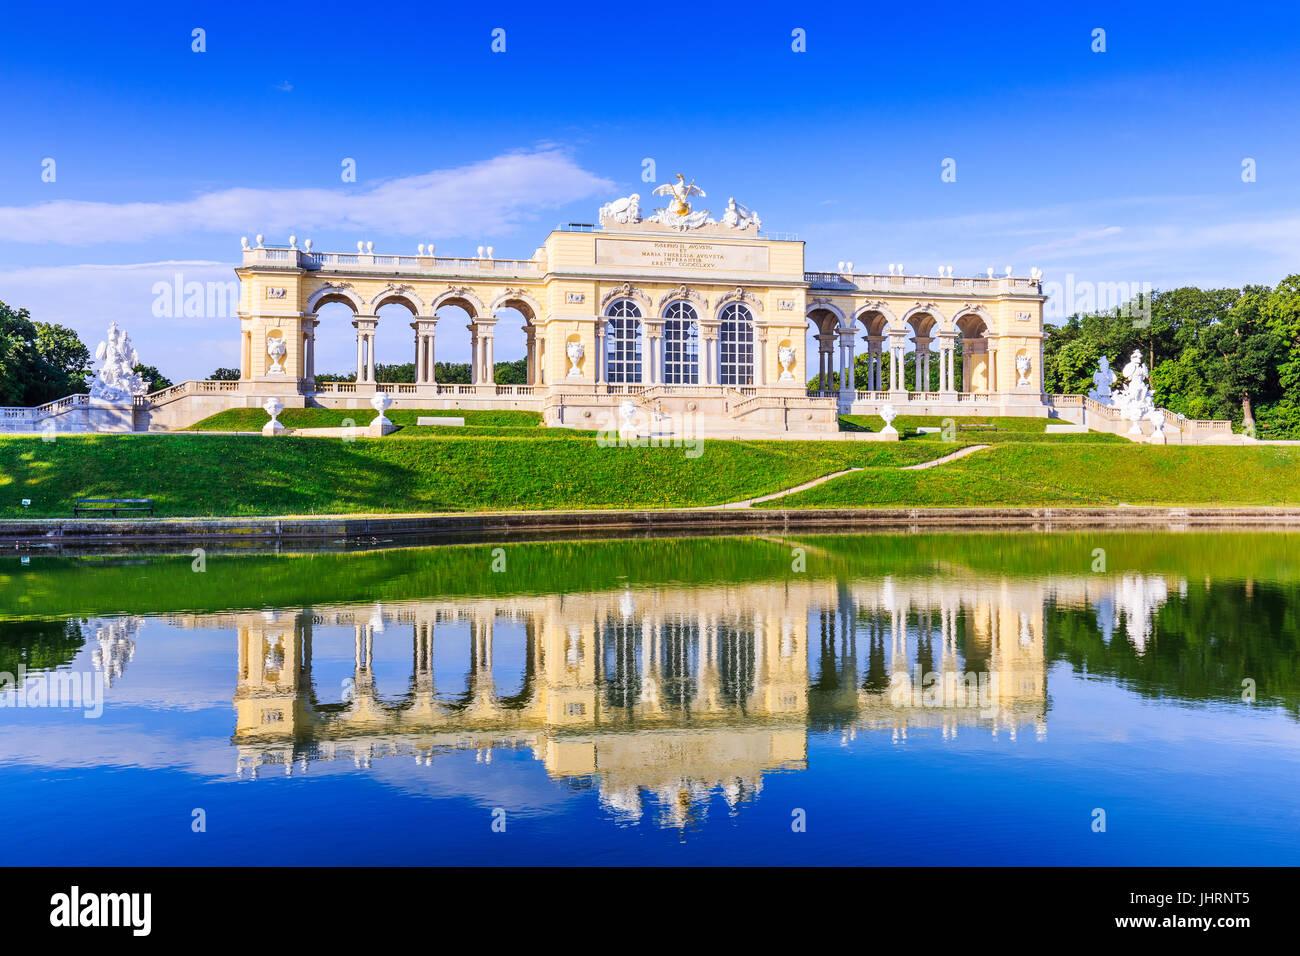 Vienne, Autriche. La Gloriette pavillon dans le jardin du Palais Schonbrunn Photo Stock